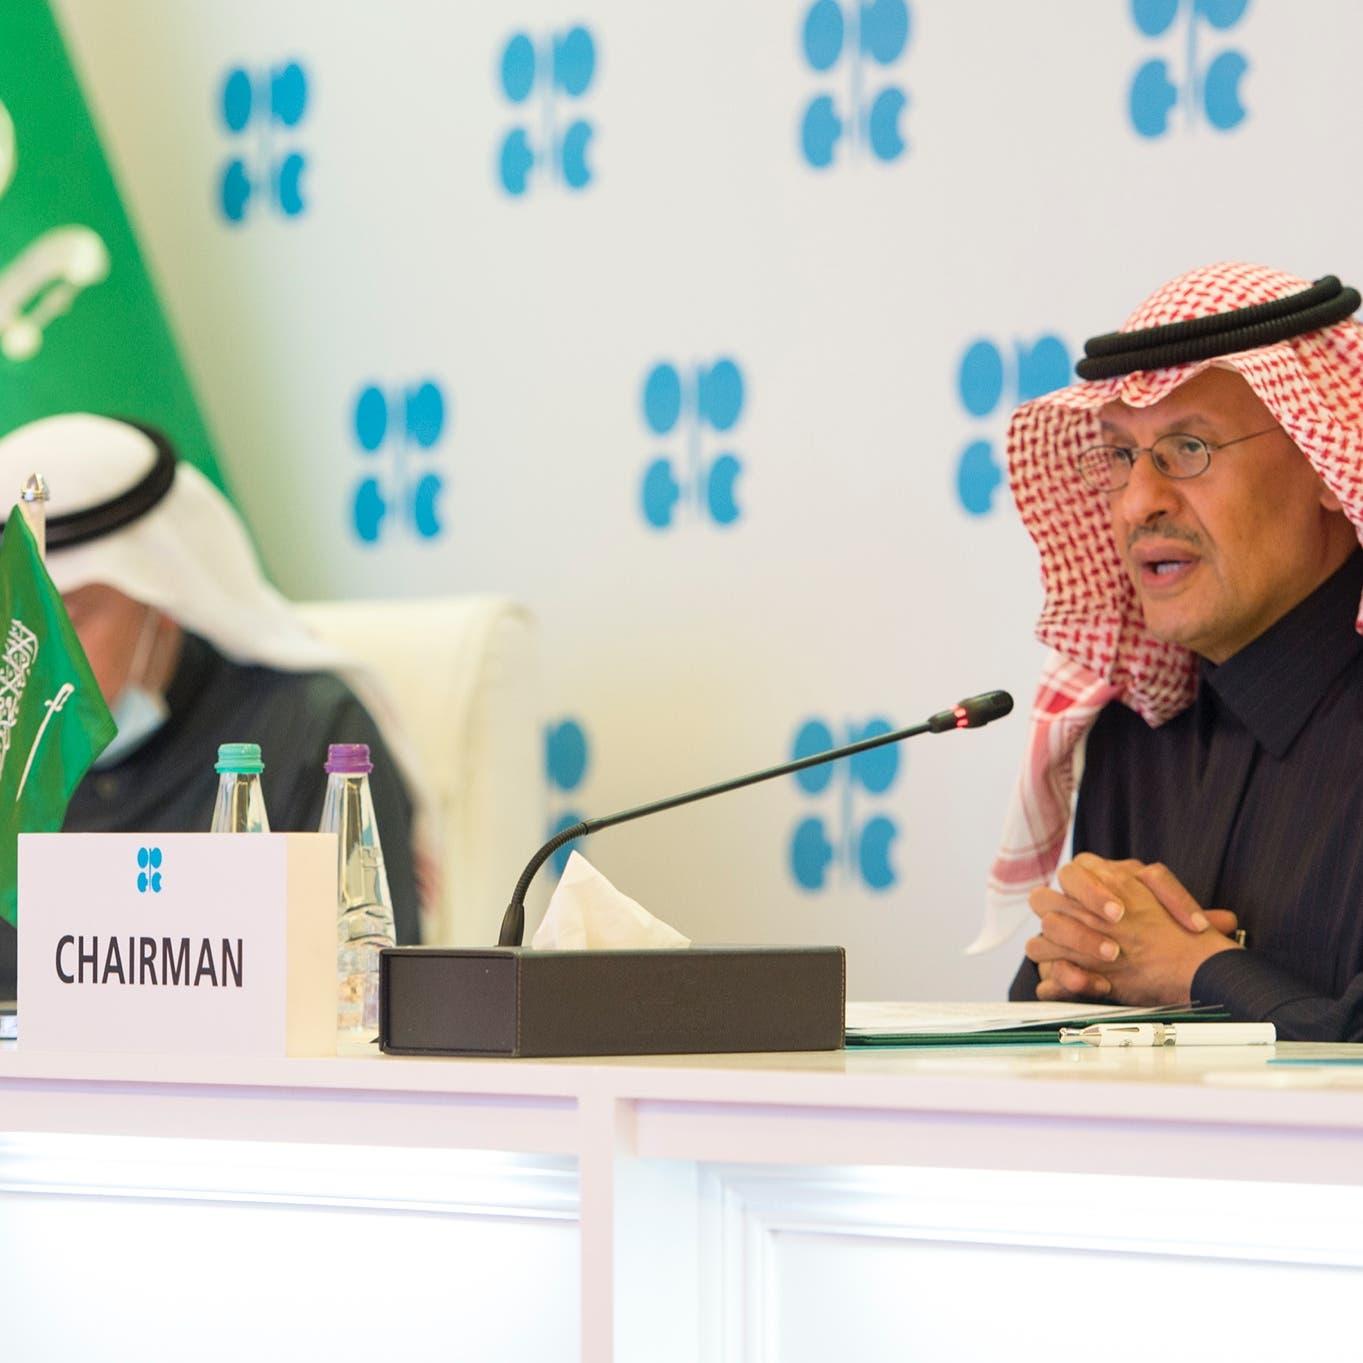 السعودية تقرر تمديد الخفض الإضافي للإنتاج.. وسعر النفط يقفز